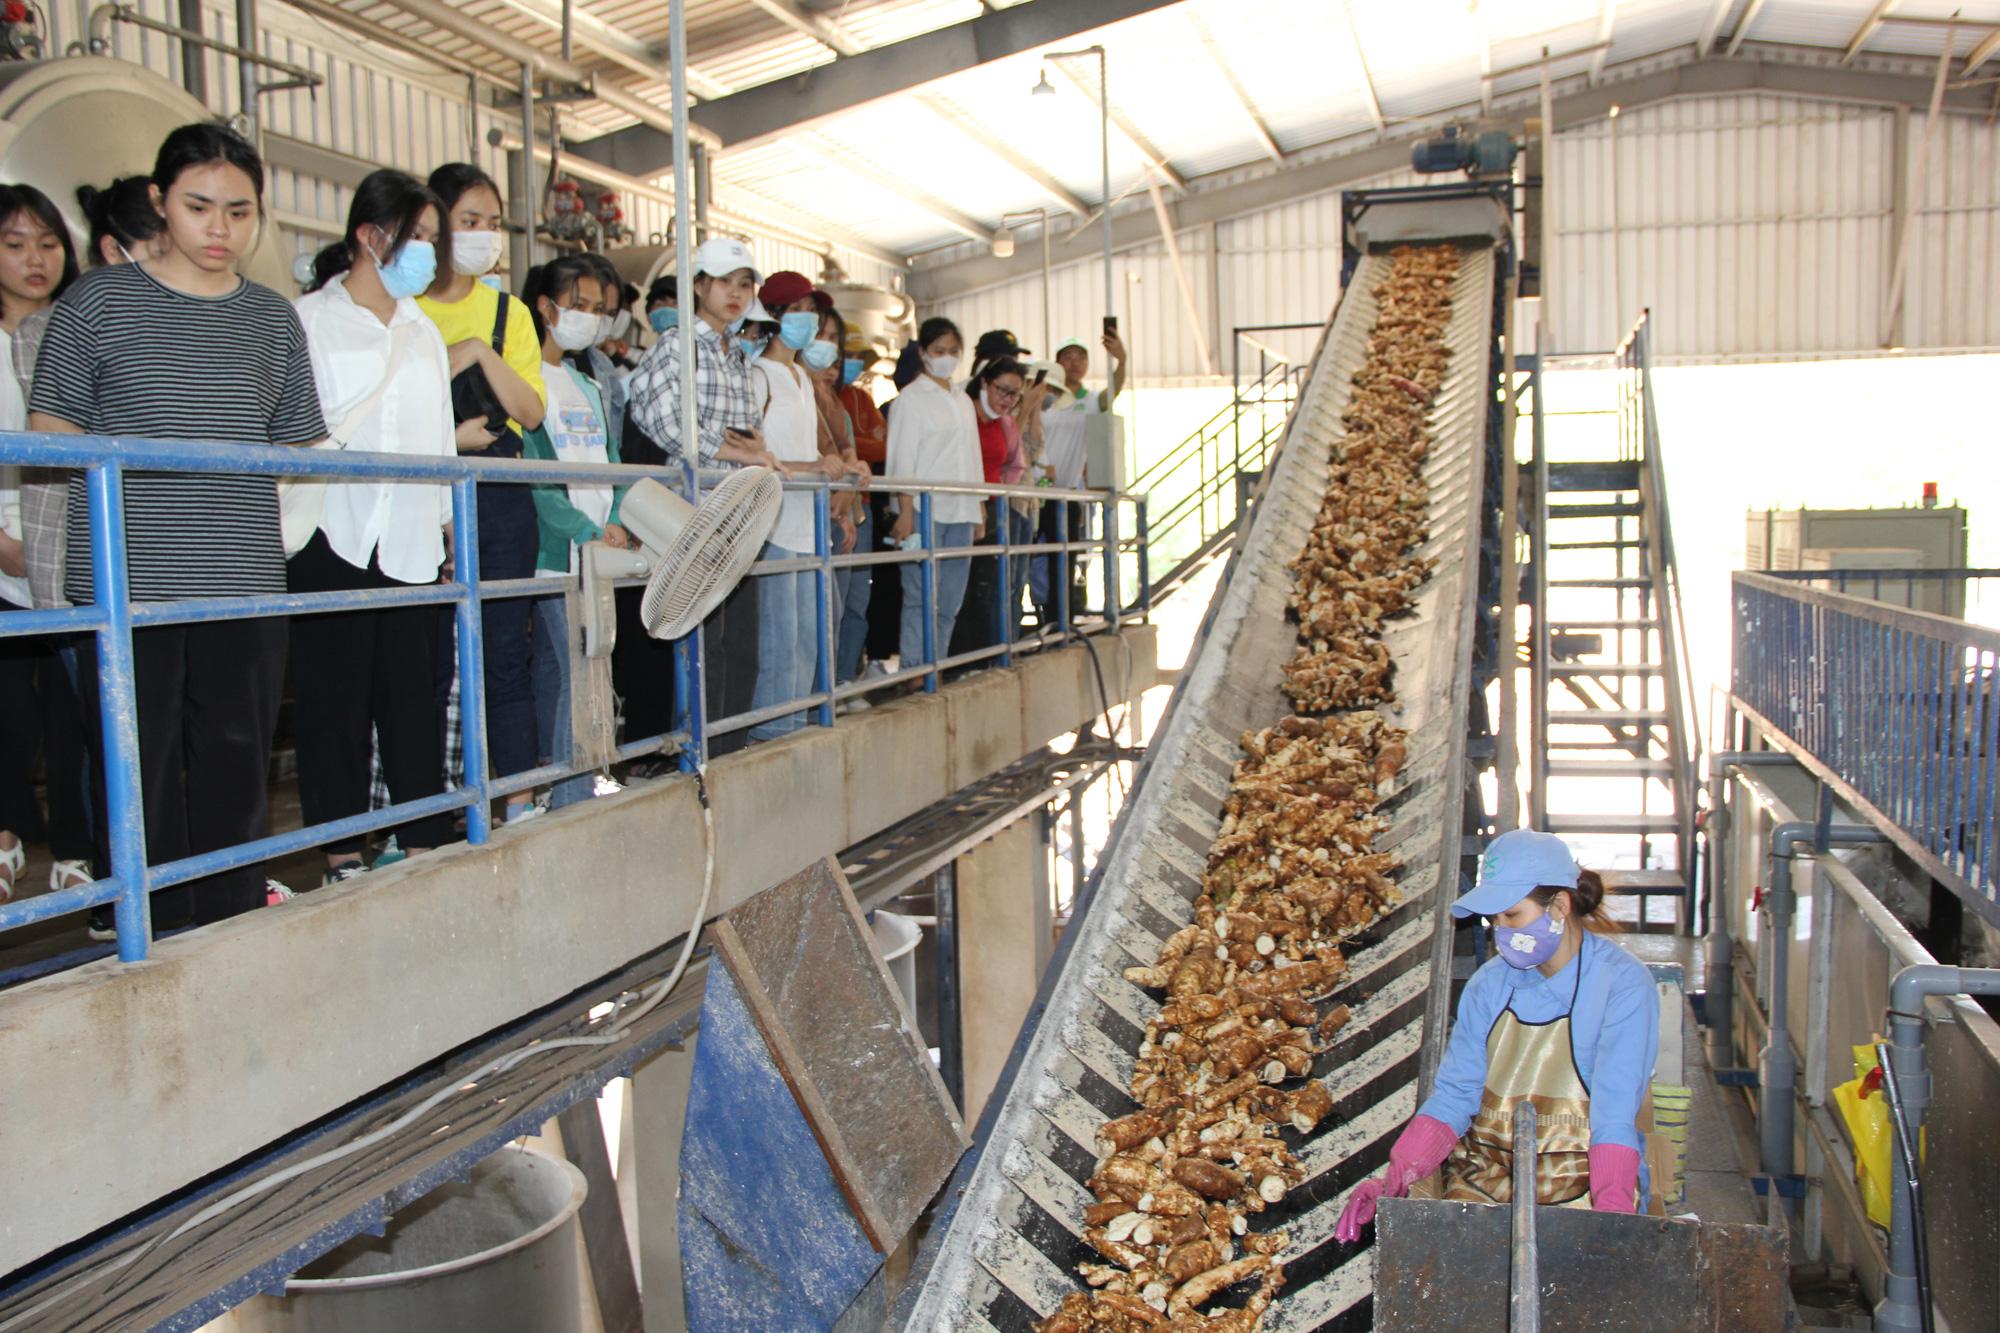 Khám phá tour du lịch học tập chỉ với 250.000 đồng ở Quảng Trị - Ảnh 6.